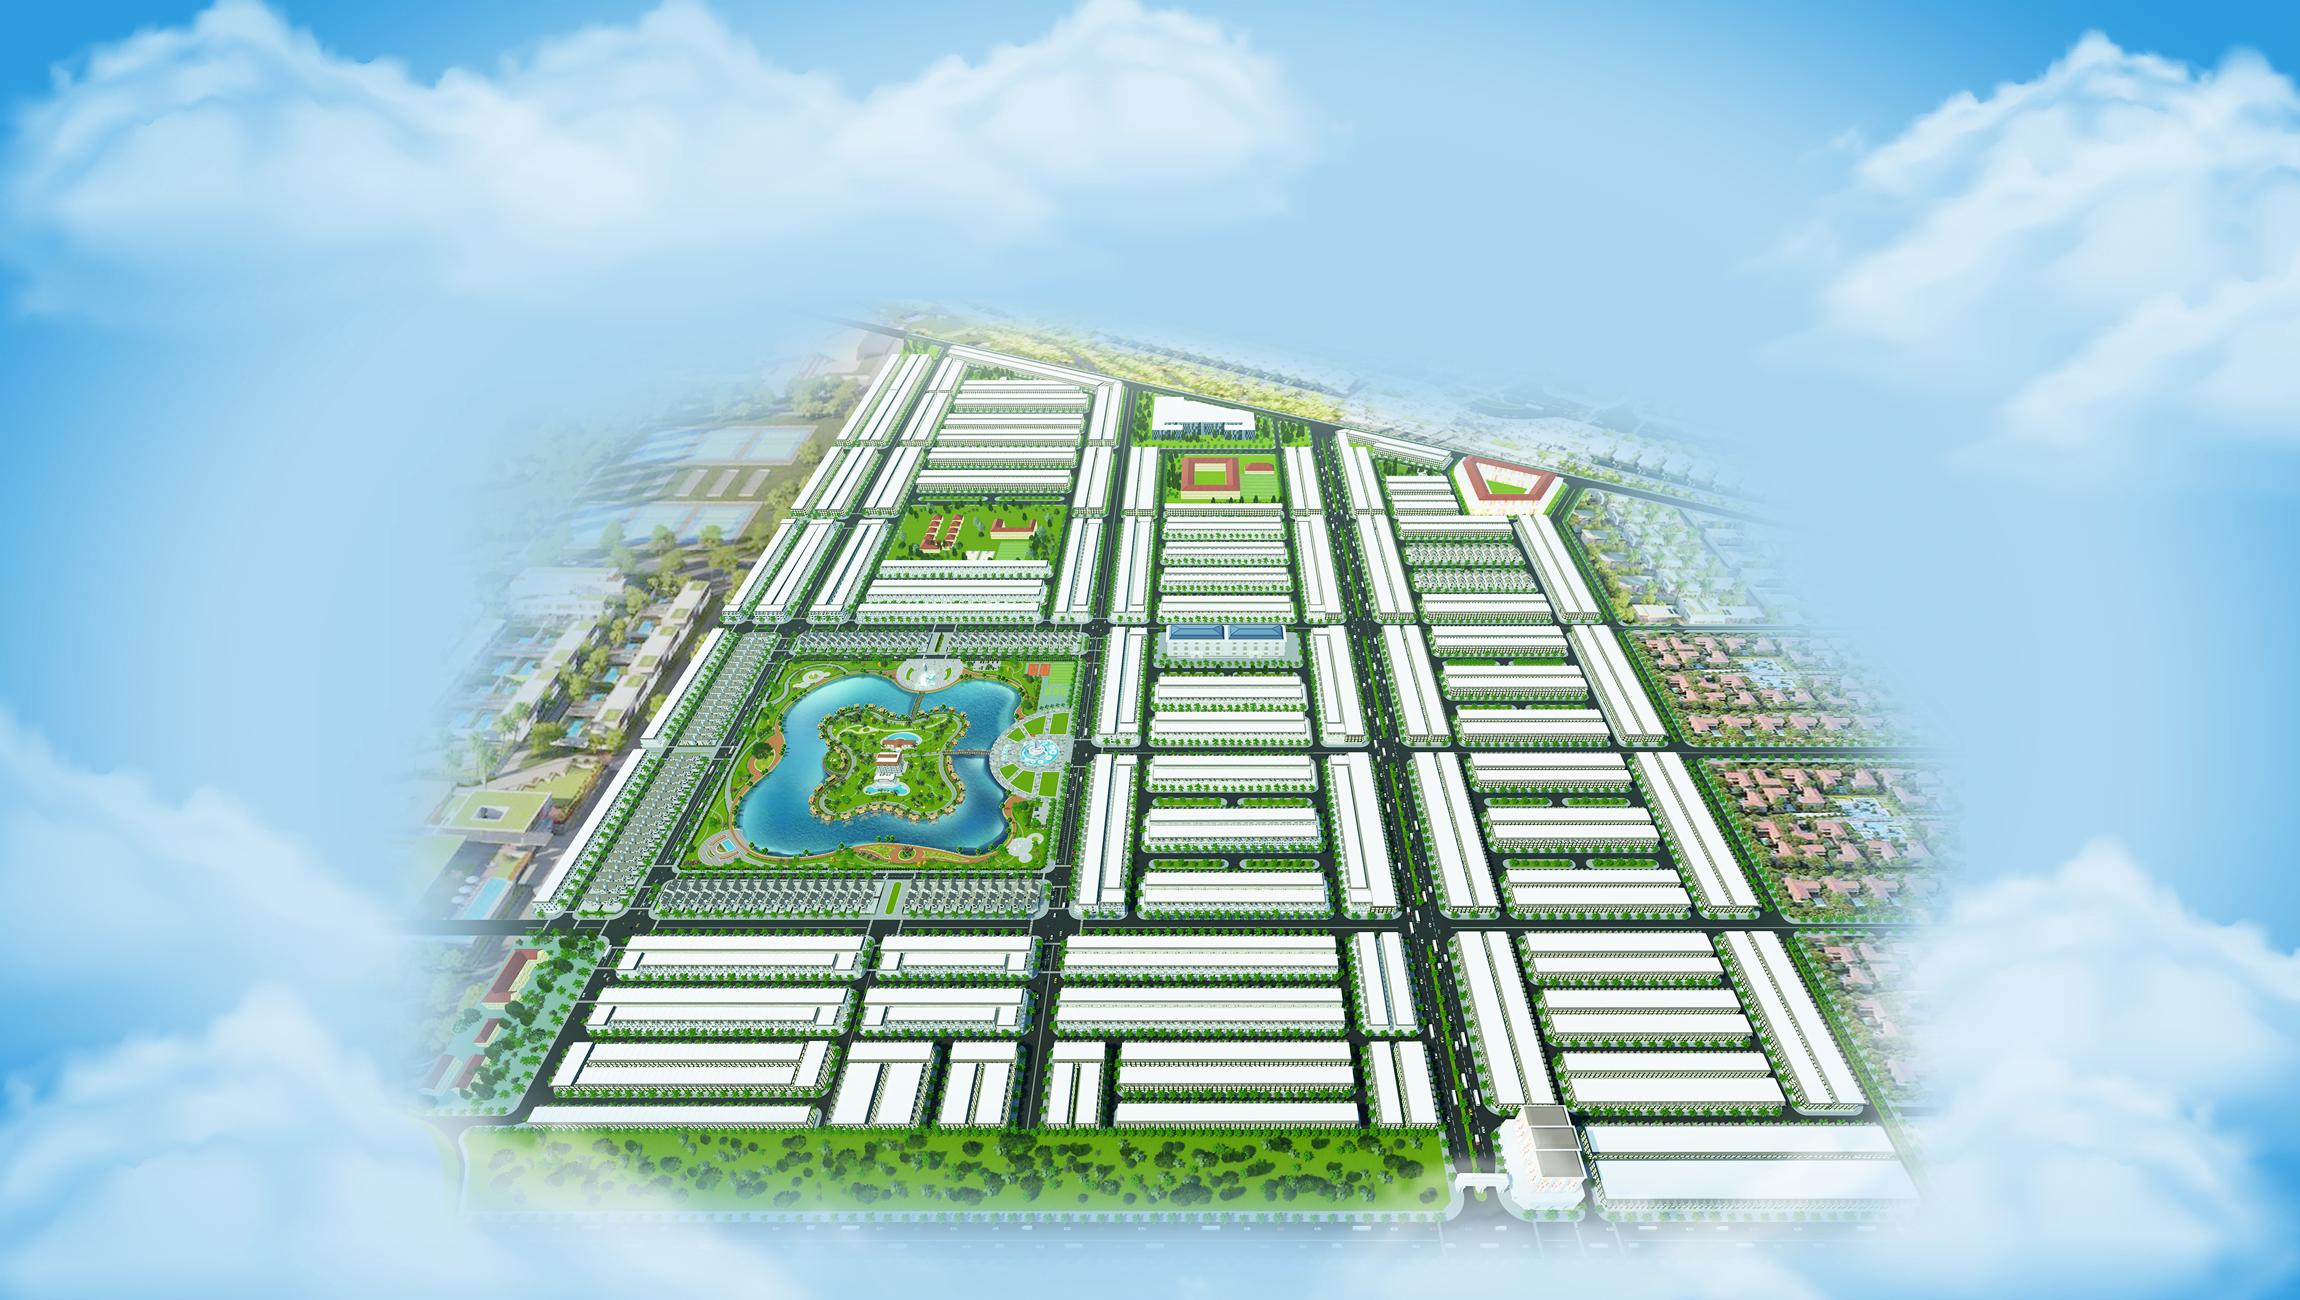 mat bang phan dat nen khu do thi happy home ca mau - CÀ MAU NEW CITY - DỰ ÁN ĐẤT NỀN CÀ MAU